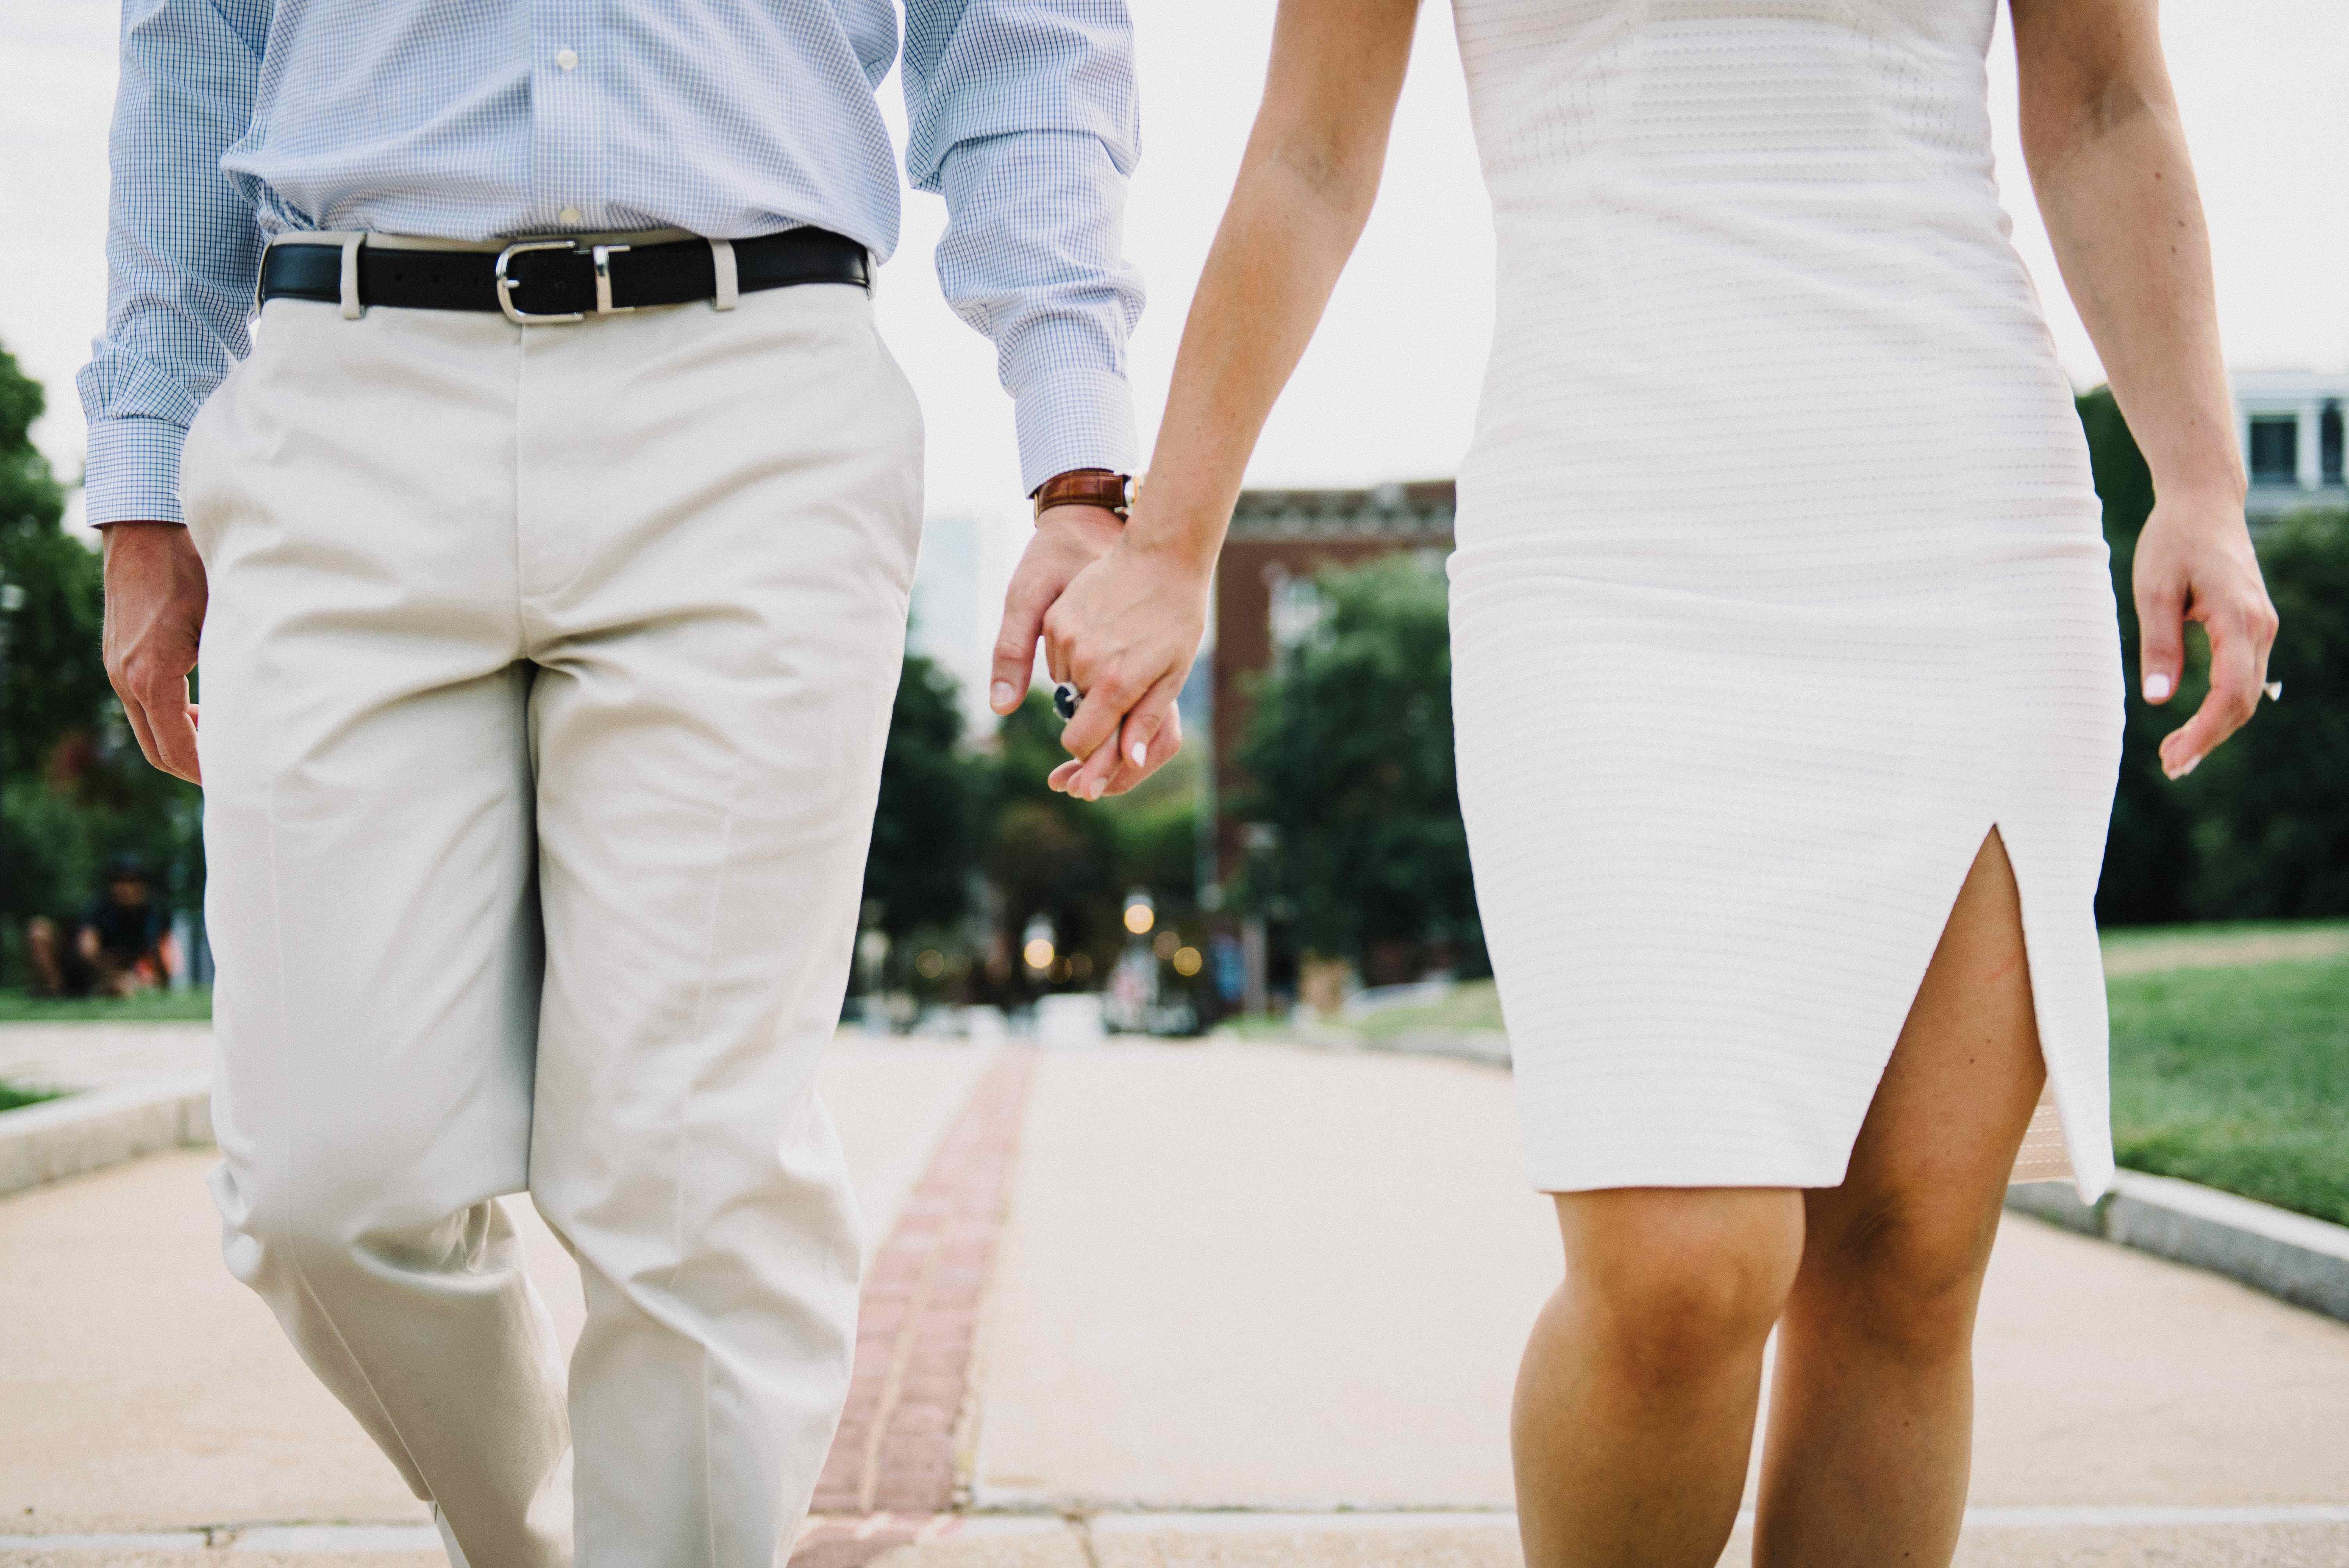 Top De populairste bruiloft dresscodes - Dresscode, jouw online stijlgids VQ64